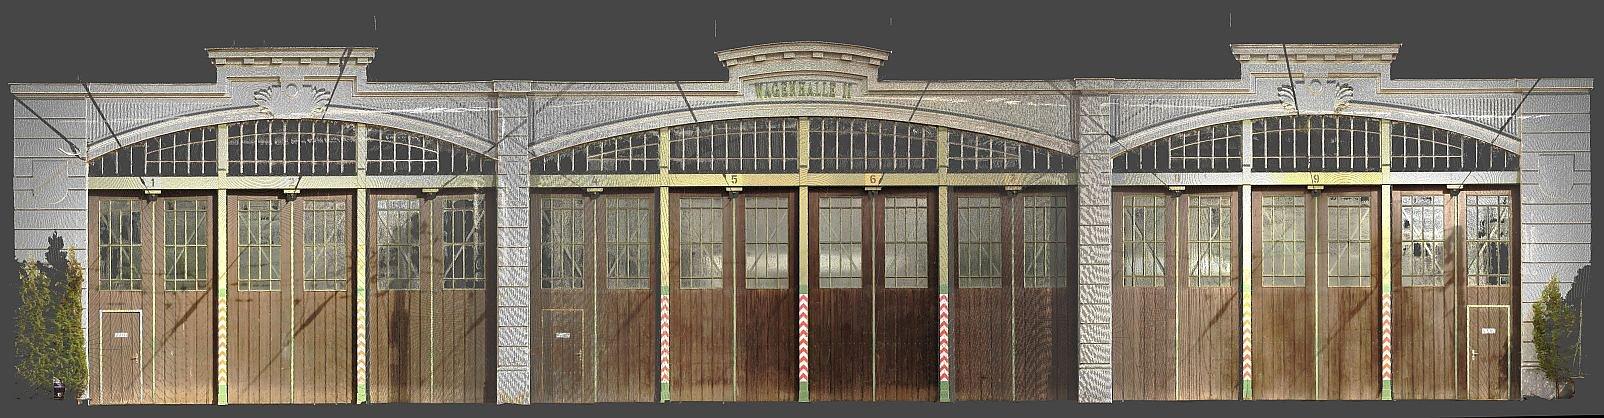 Remise Brigittenau, Scan Fassade